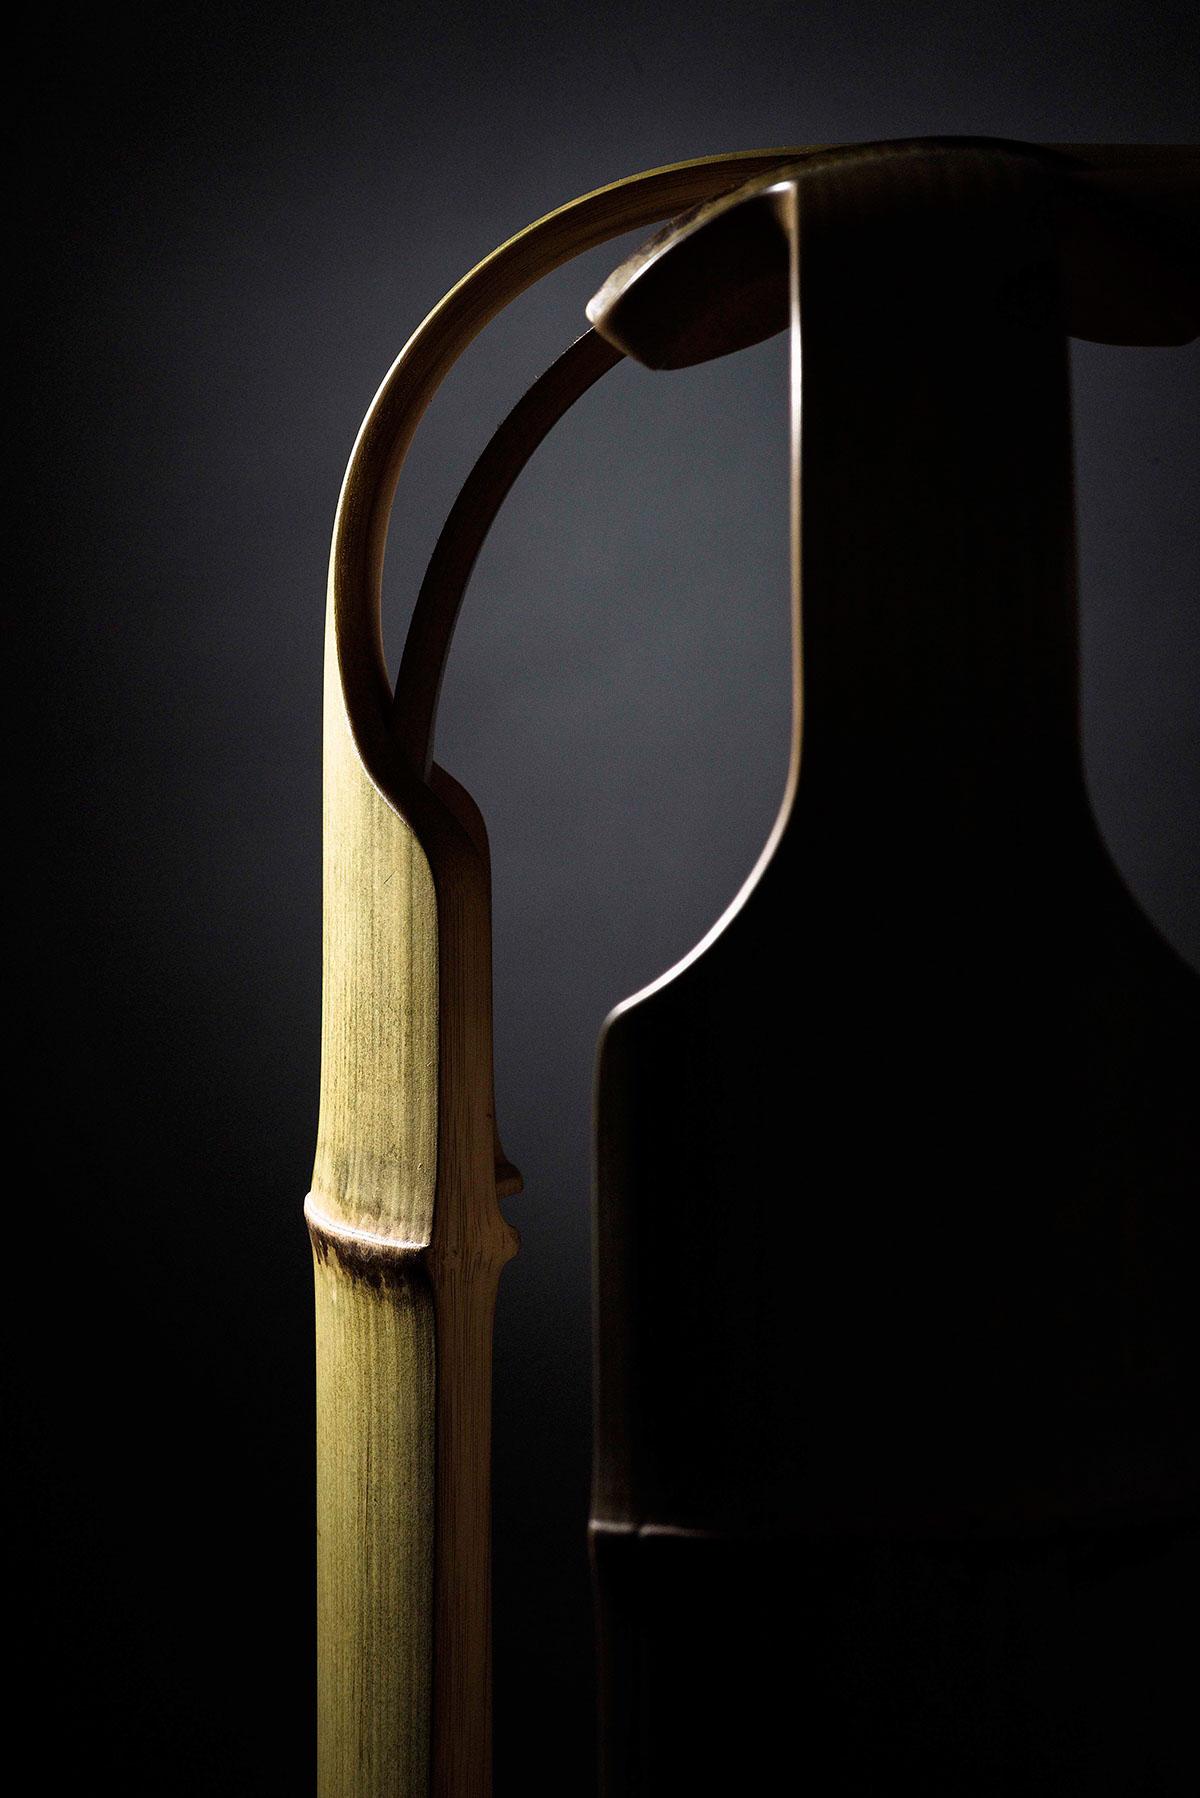 Ching-chair-hisheji (13)